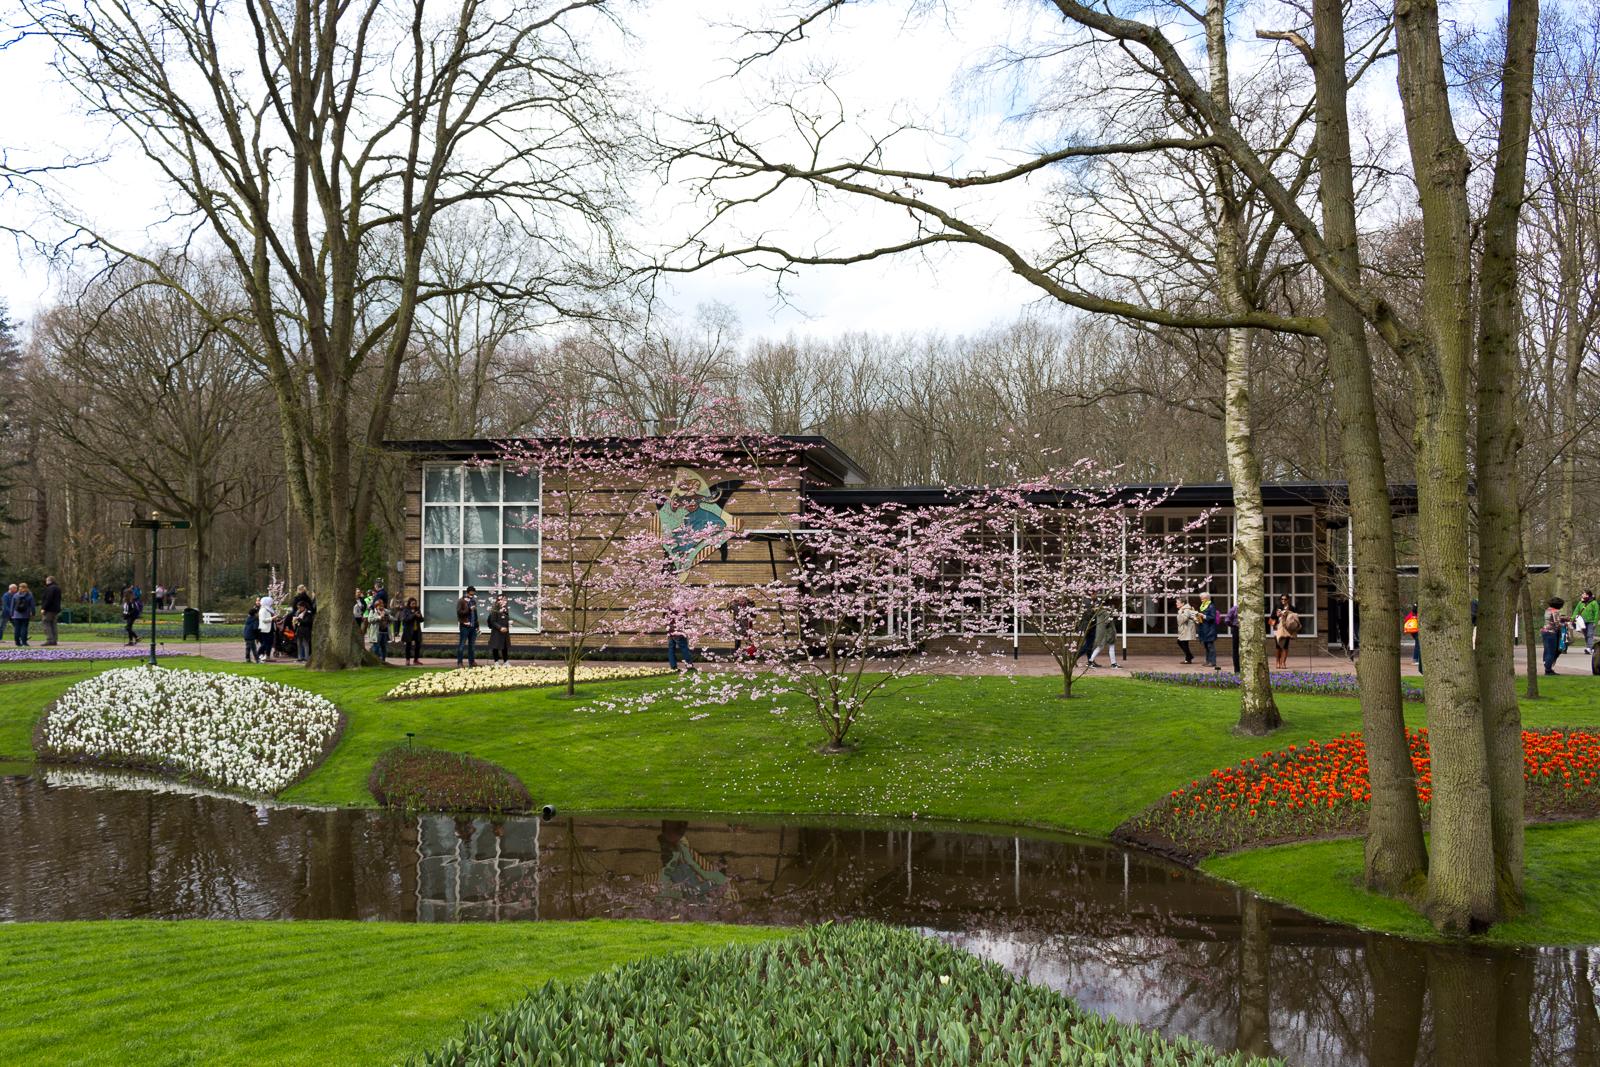 niederlande_noordwijk_keukenhof_reiseblog-2731